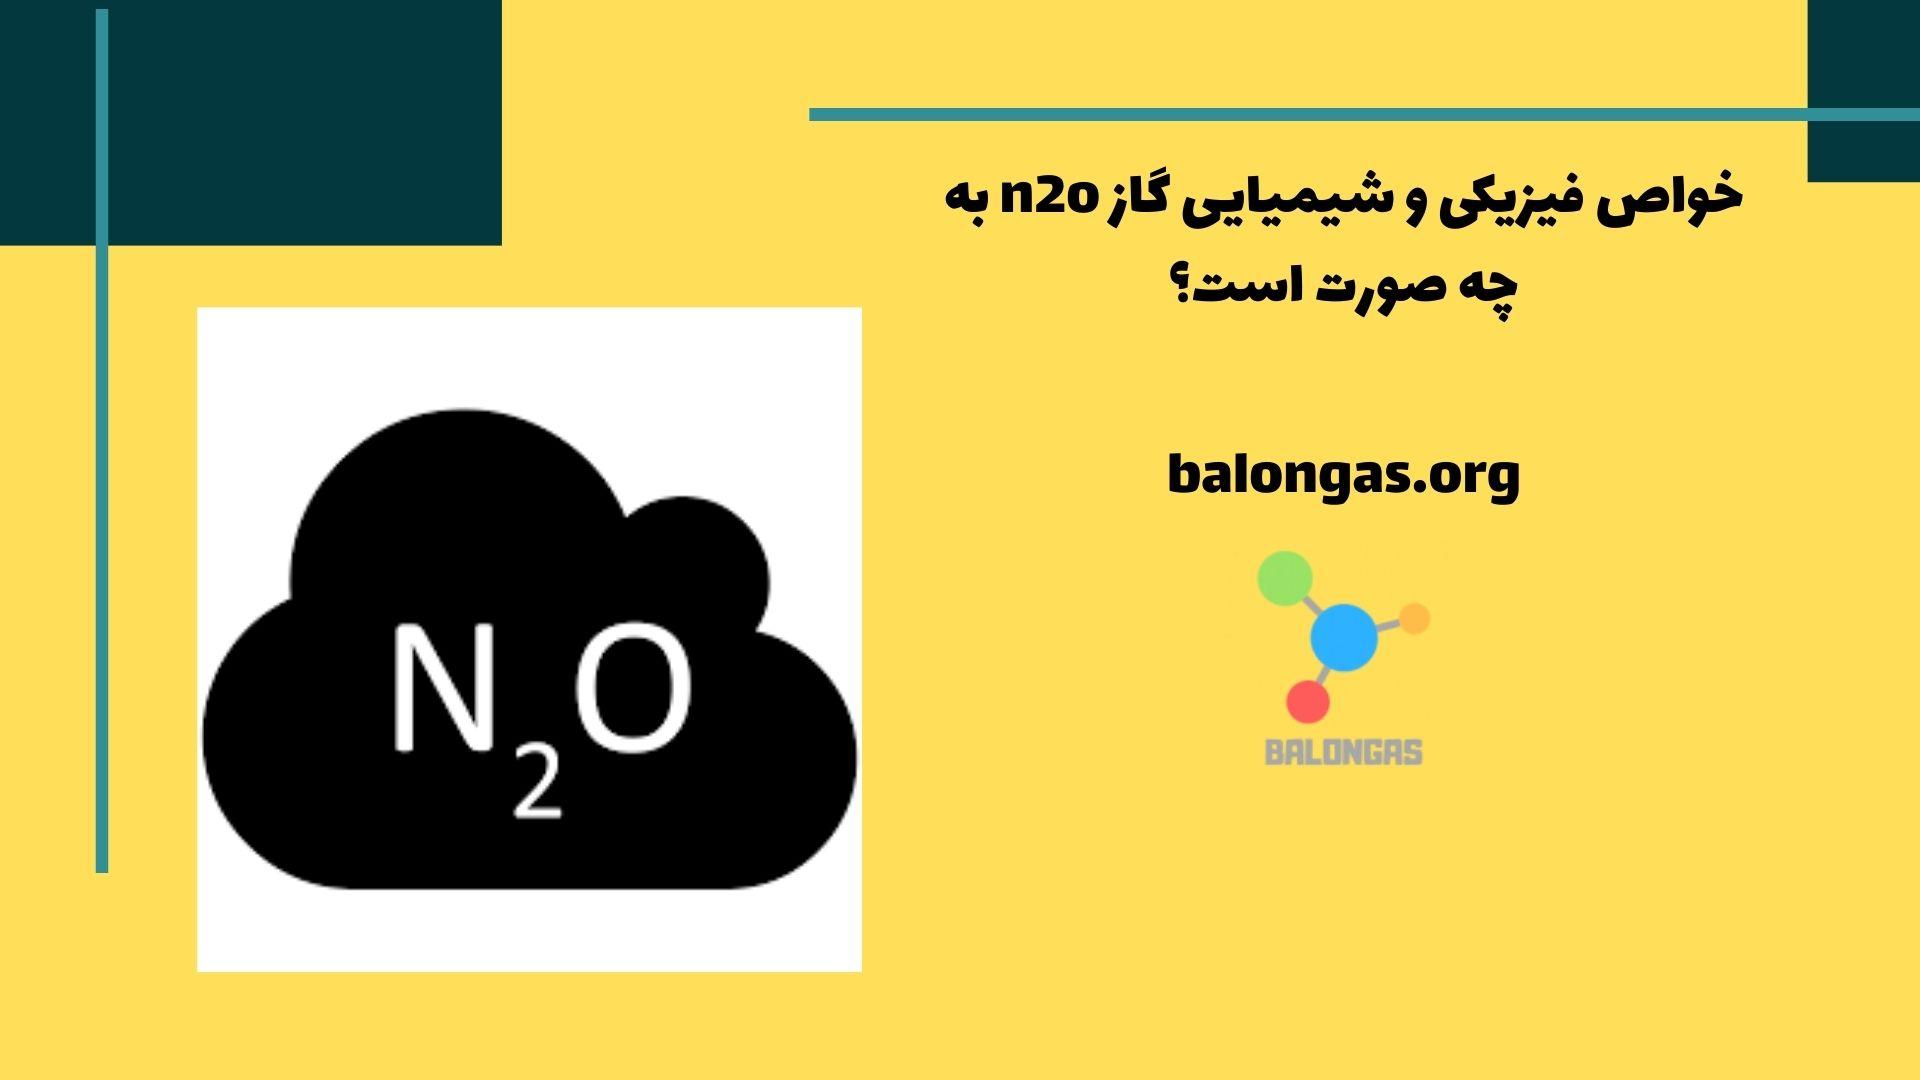 خواص فیزیکی و شیمیایی گاز n2o به چه صورت است؟